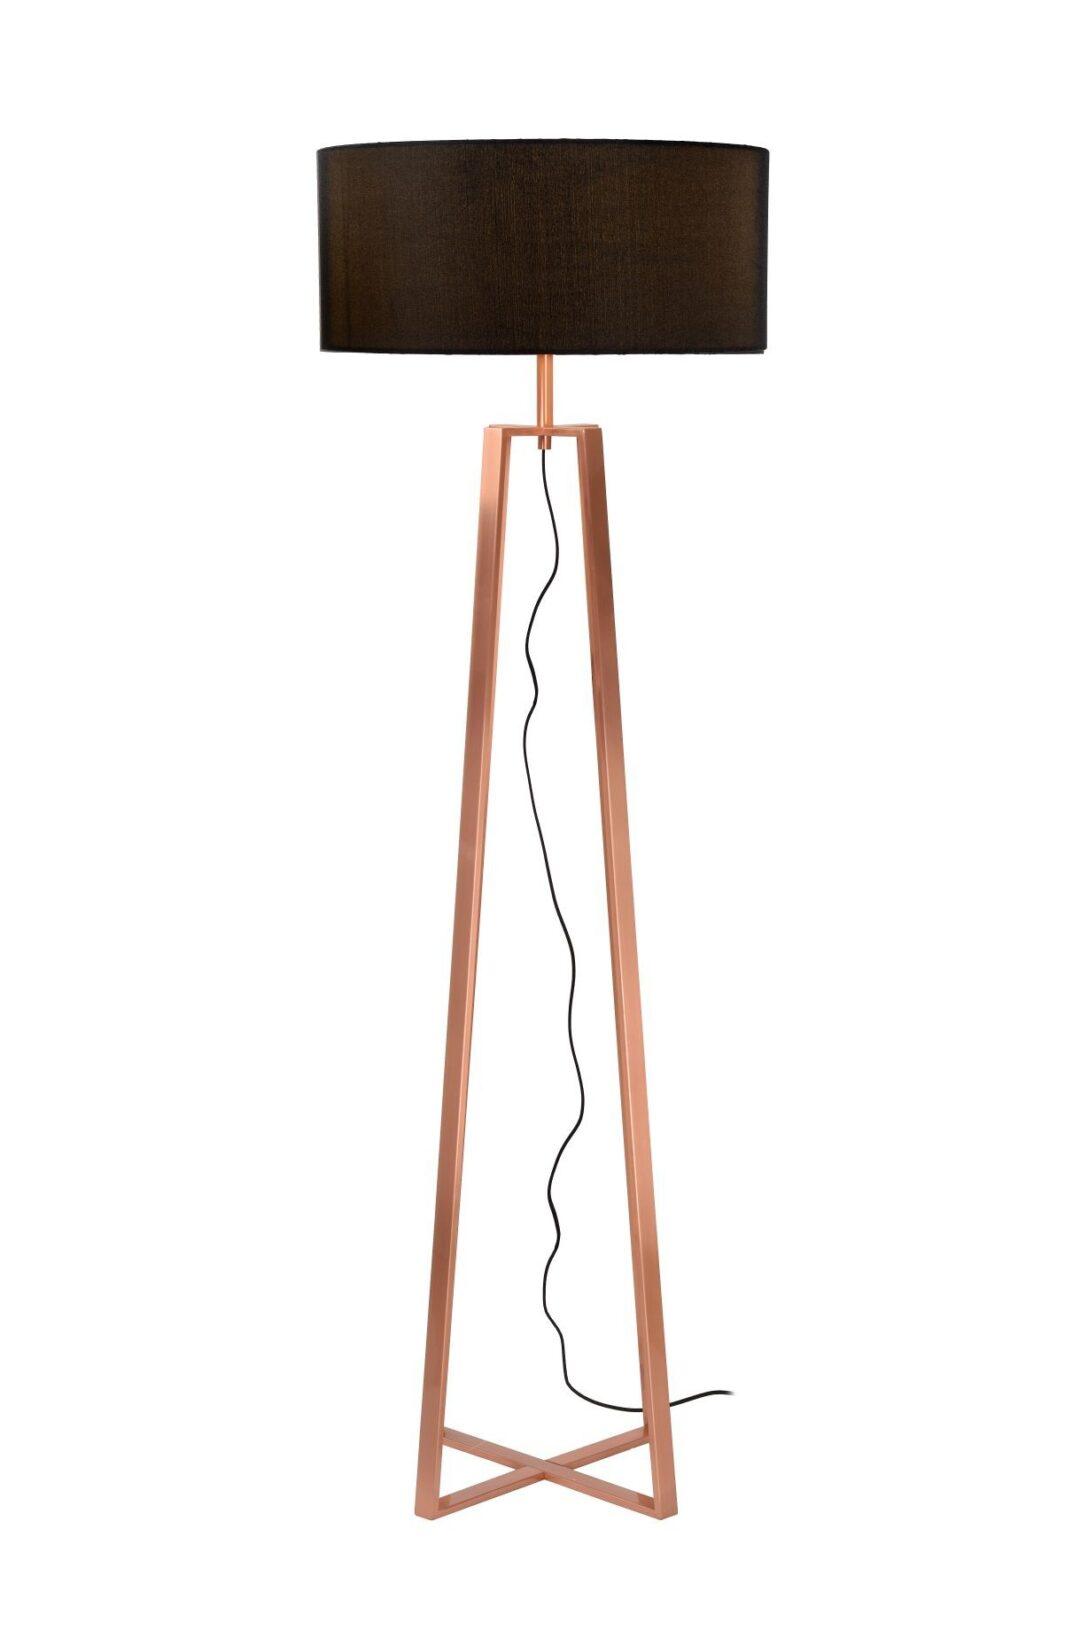 Large Size of Stehlampe Modern Stehlampen Wohnzimmer Tapete Küche Bett Design Moderne Deckenleuchte Schlafzimmer Modernes 180x200 Holz Landhausküche Duschen Deckenlampen Wohnzimmer Stehlampe Modern